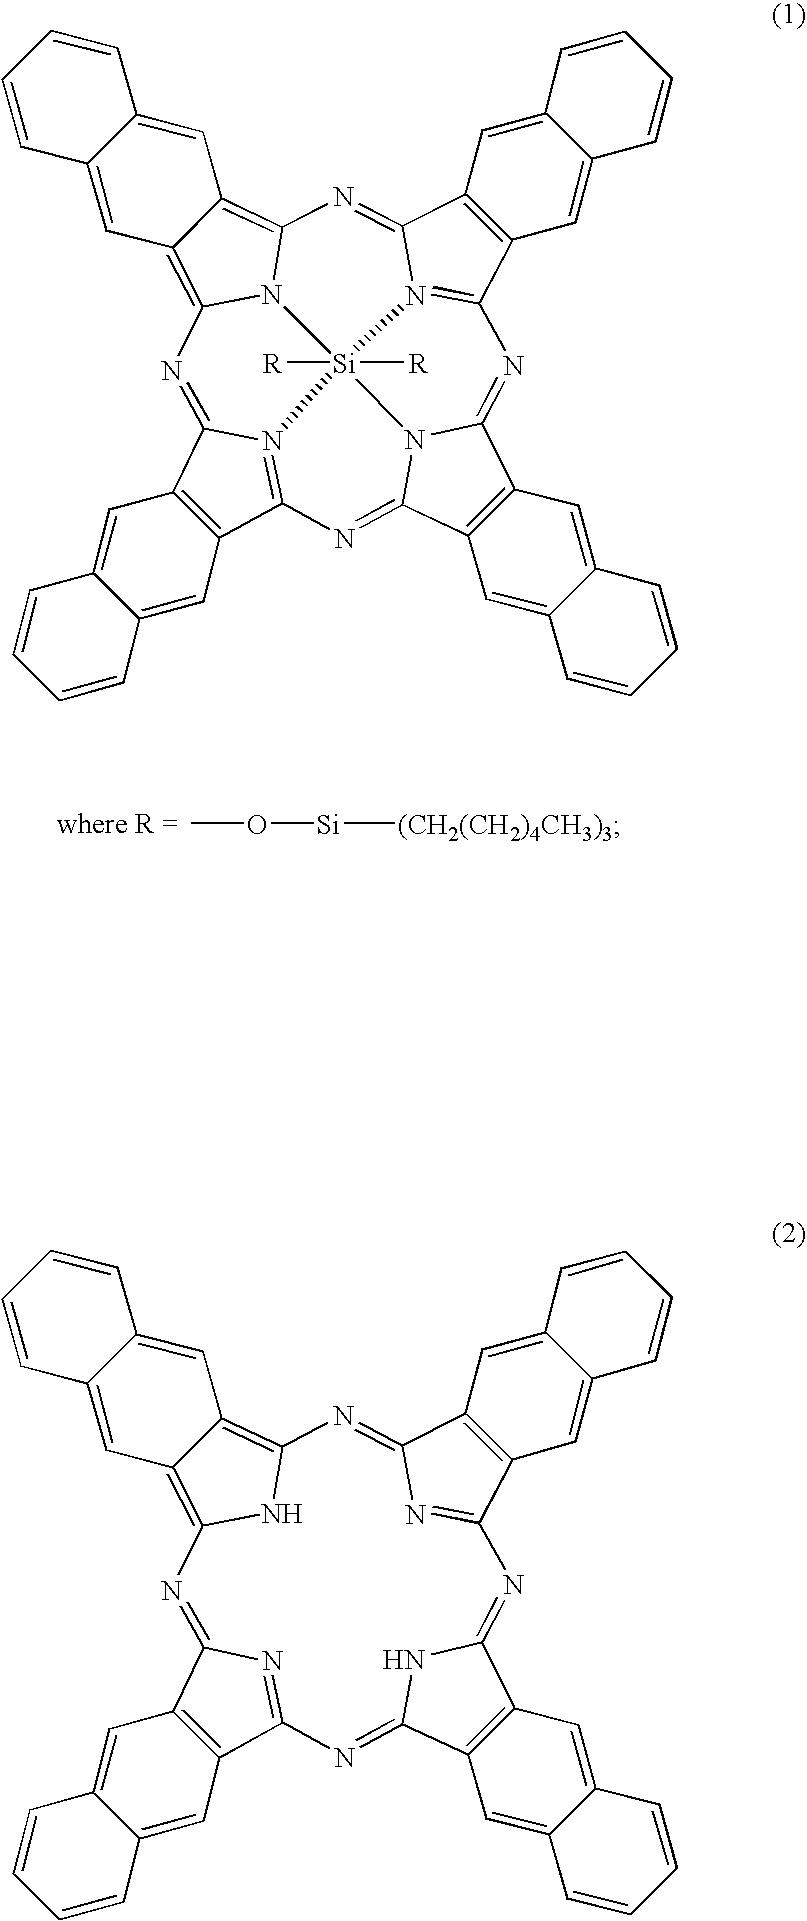 Figure US20050053860A1-20050310-C00001